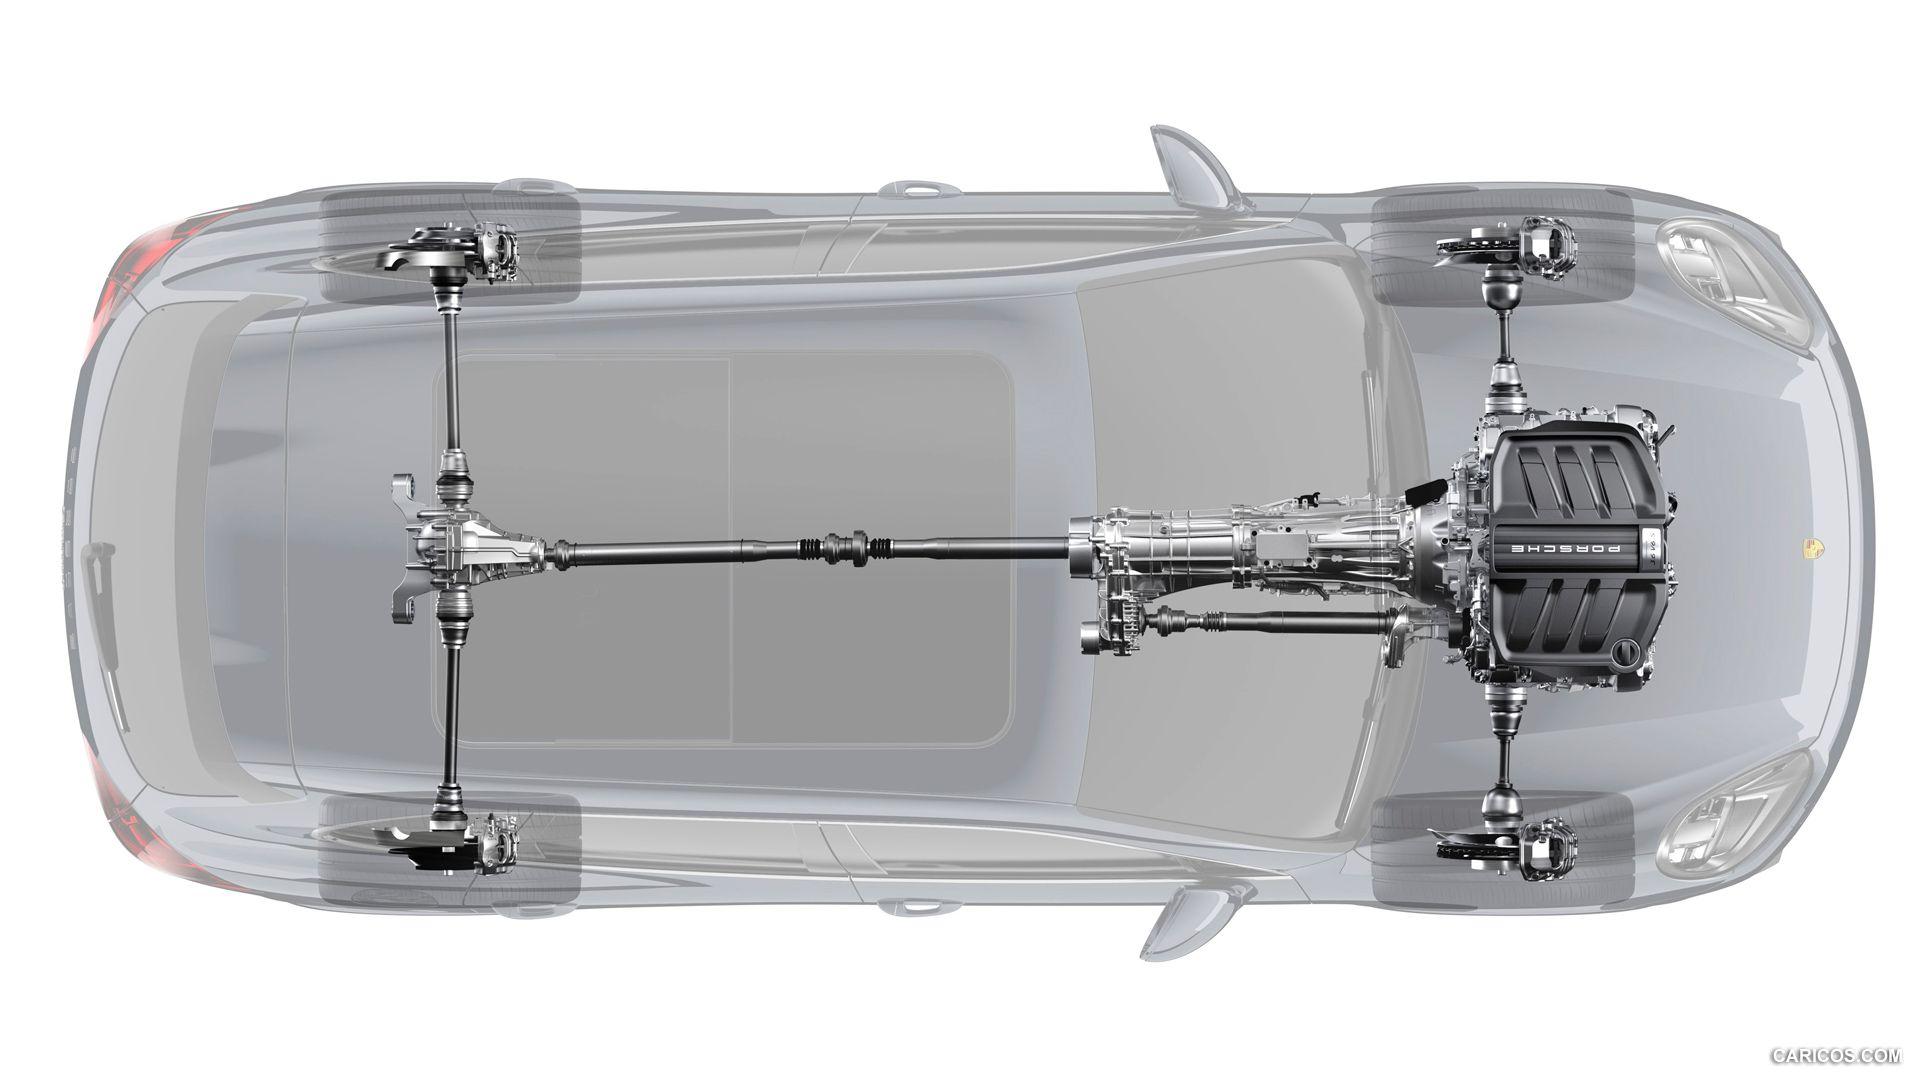 Sistema de contrôle de tração nas 4 rodas PTM